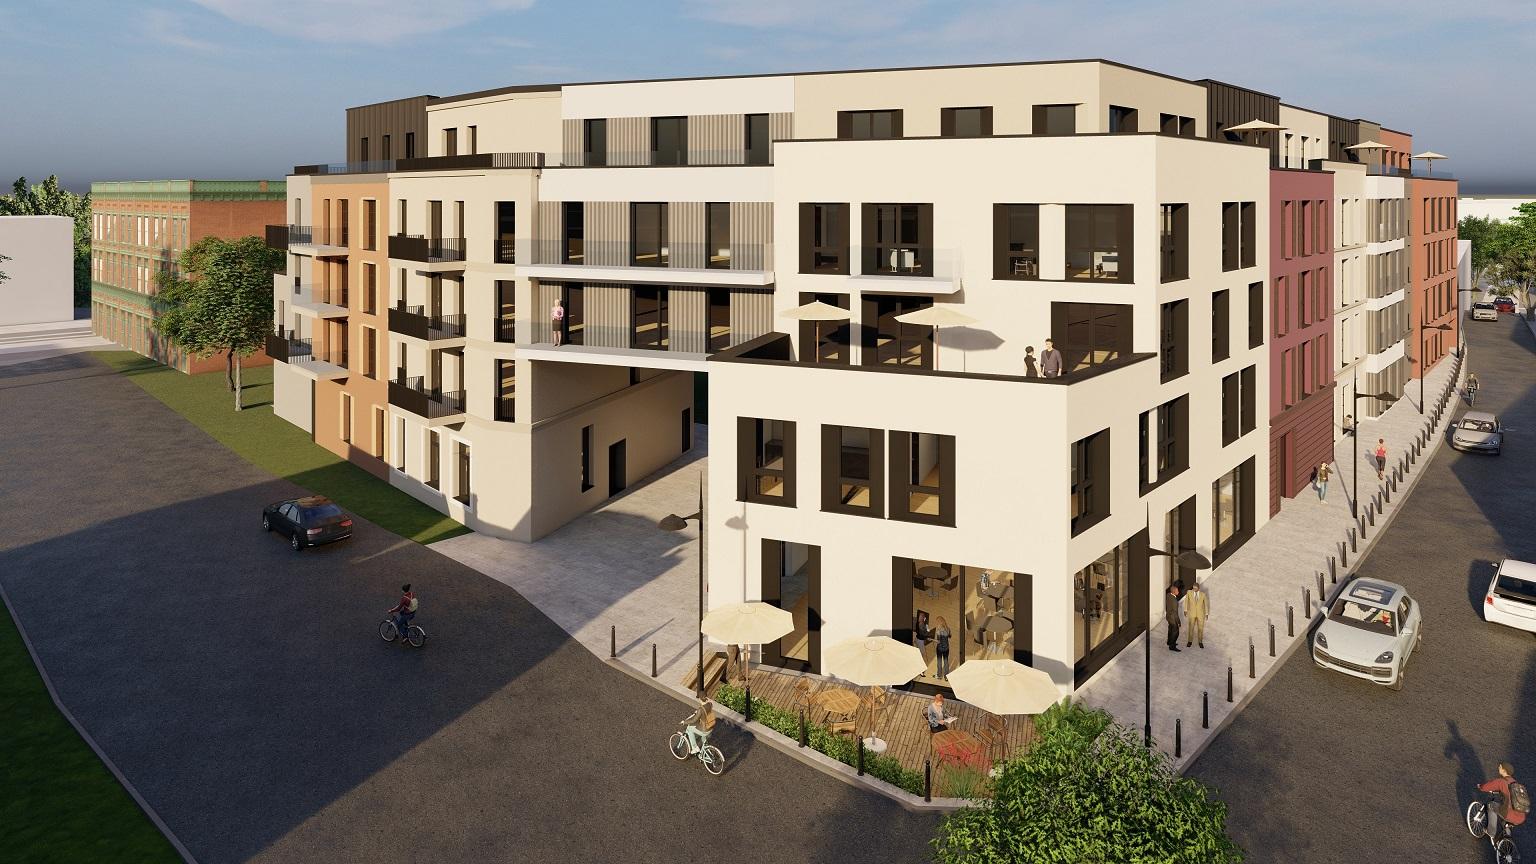 Sicher umsorgt wohnen. 1,5- bis 4-Raum-Wohnungen zentral in Gotha